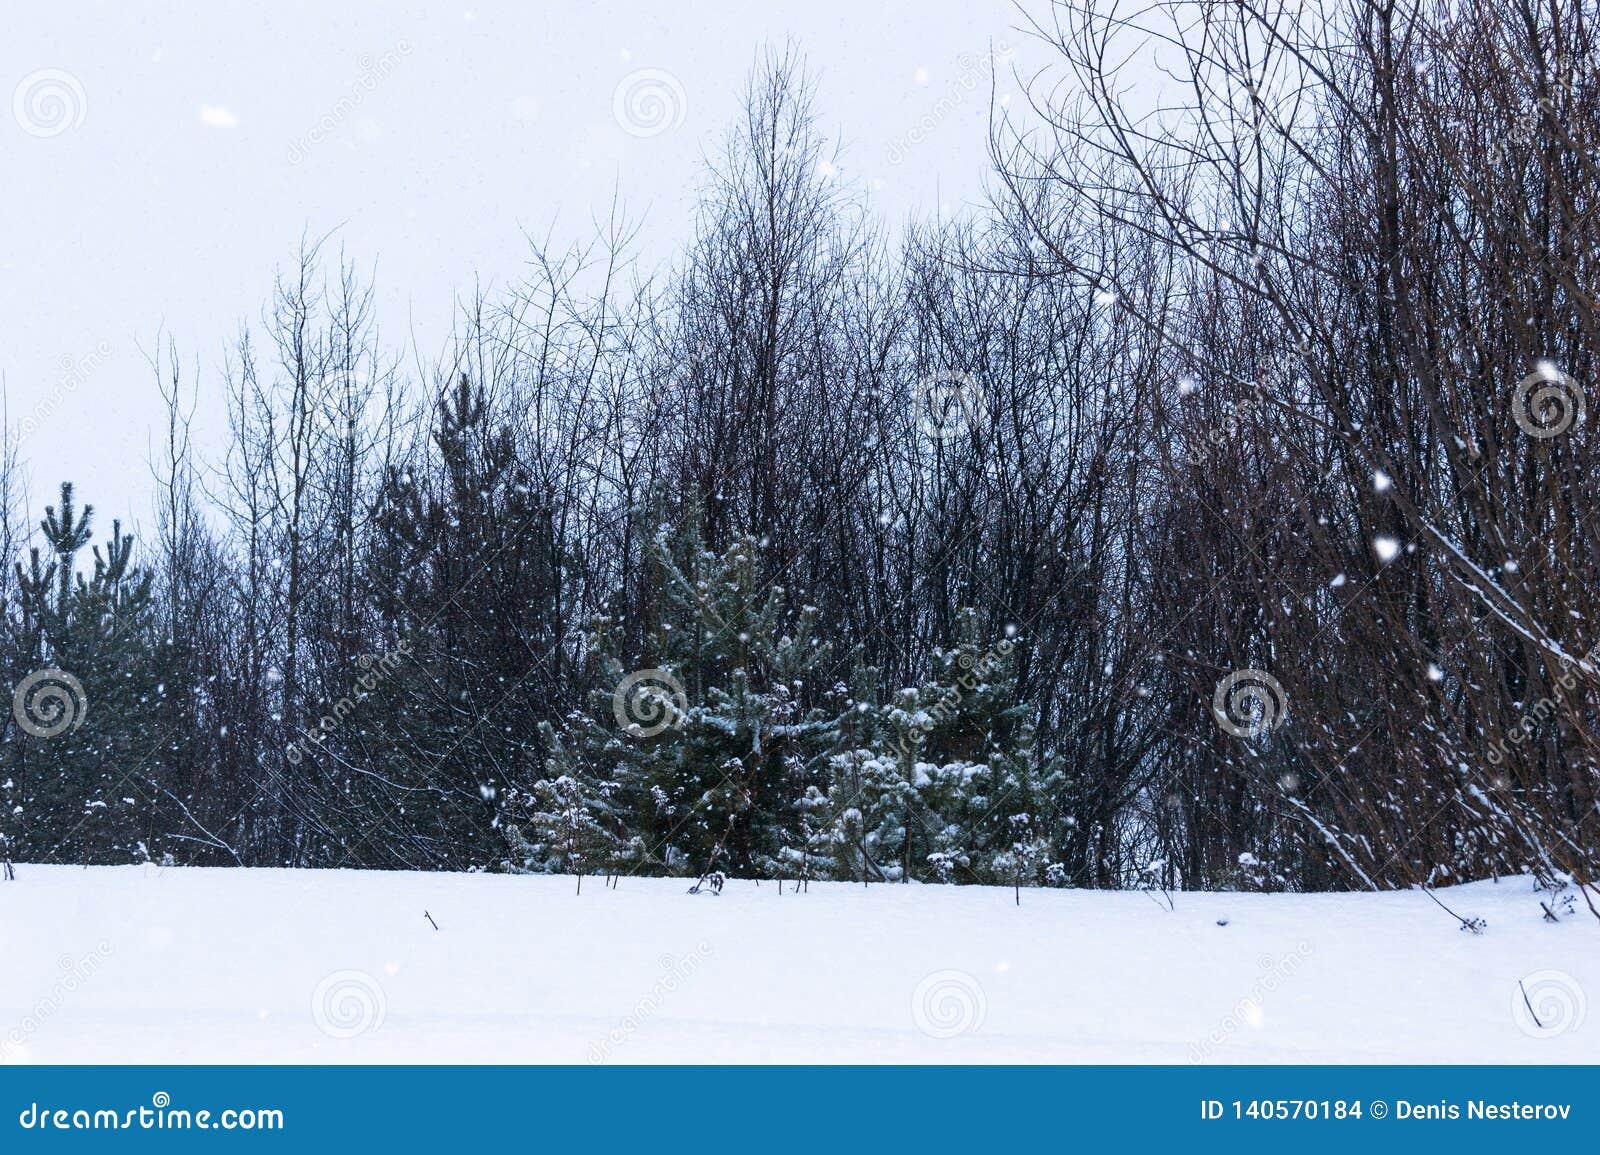 Schneefälle am Rand des Waldes, in dem Kiefern, Weiden und Birken wachsen, verschneiter Winter